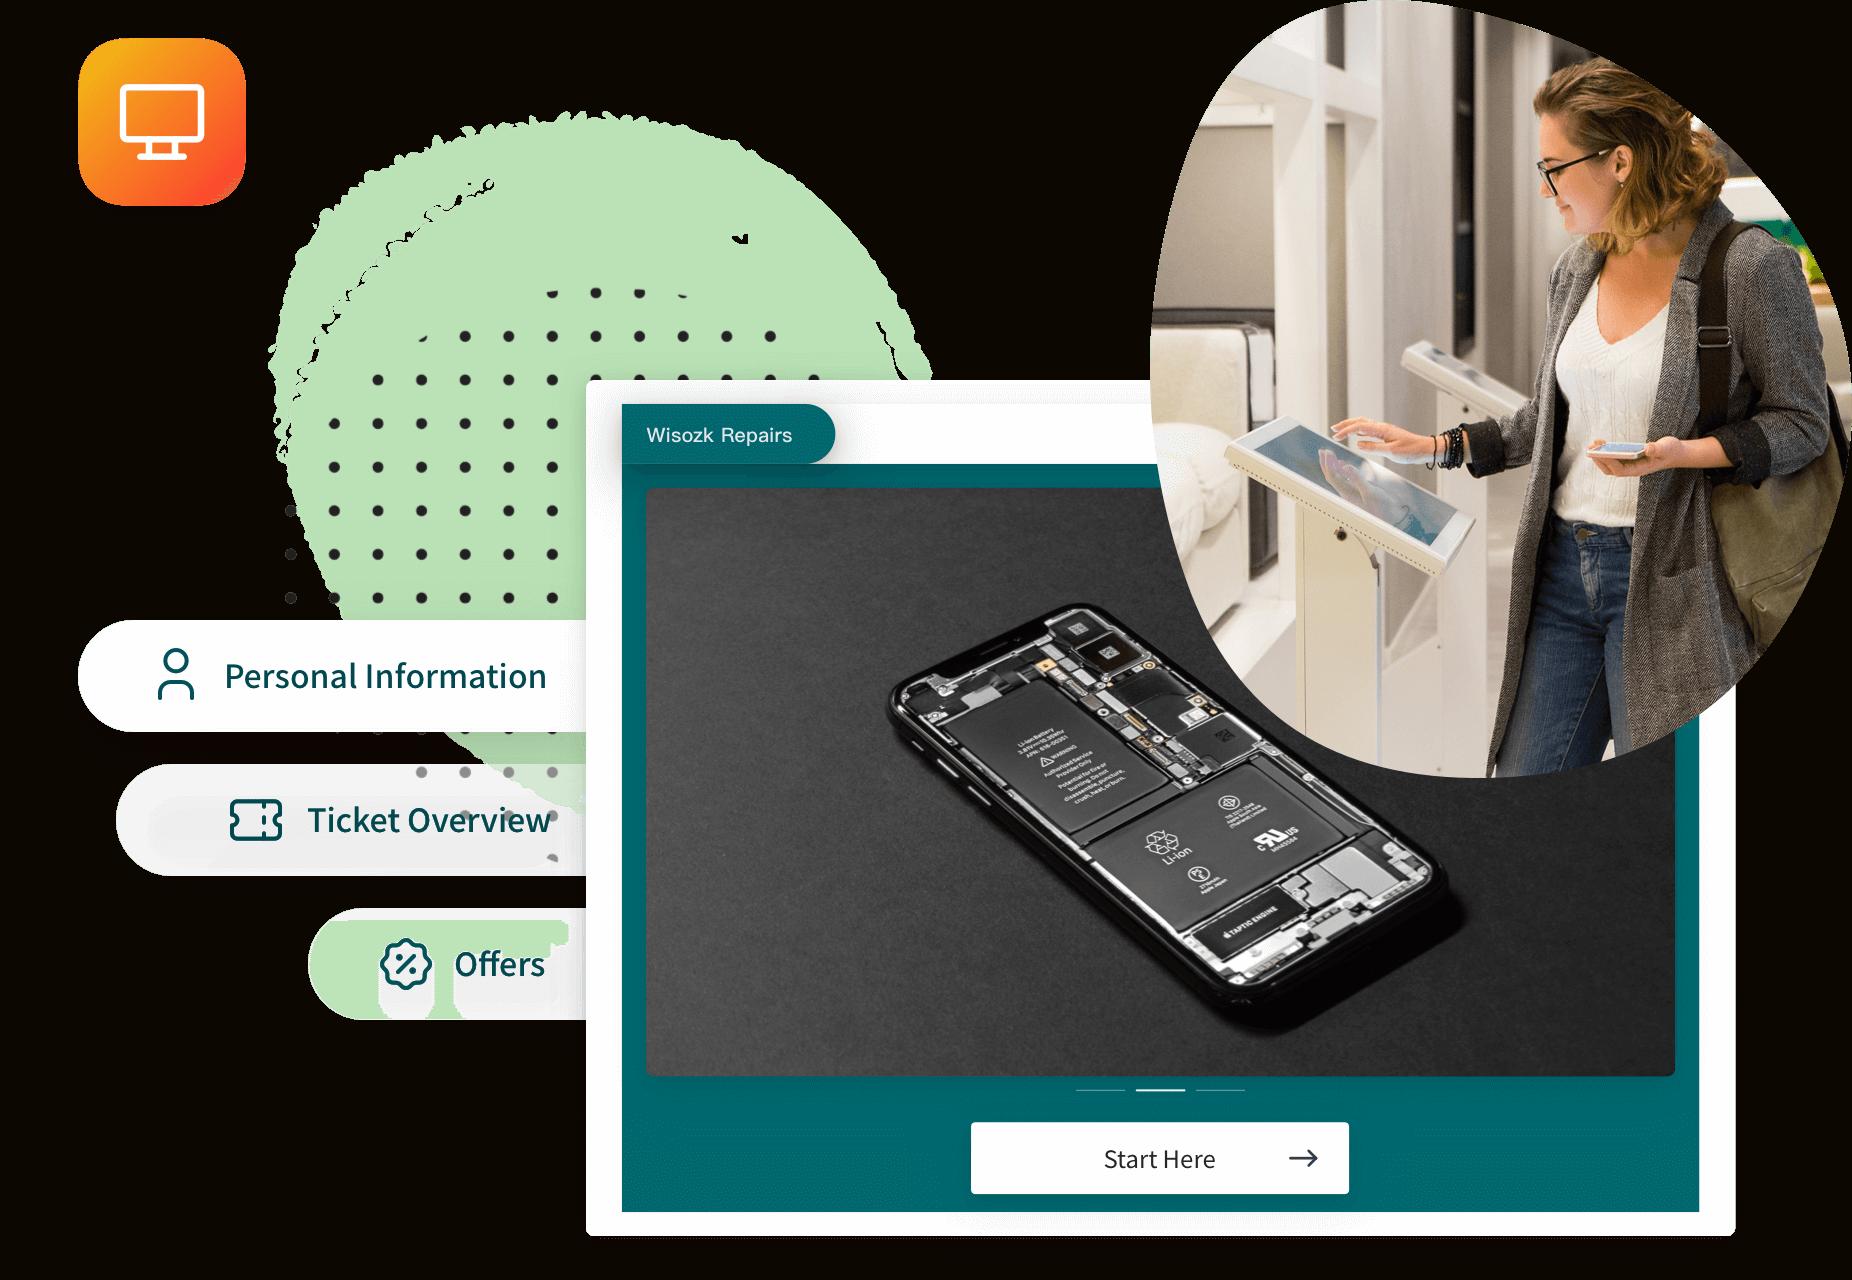 RepairDesk-customer-facing-display